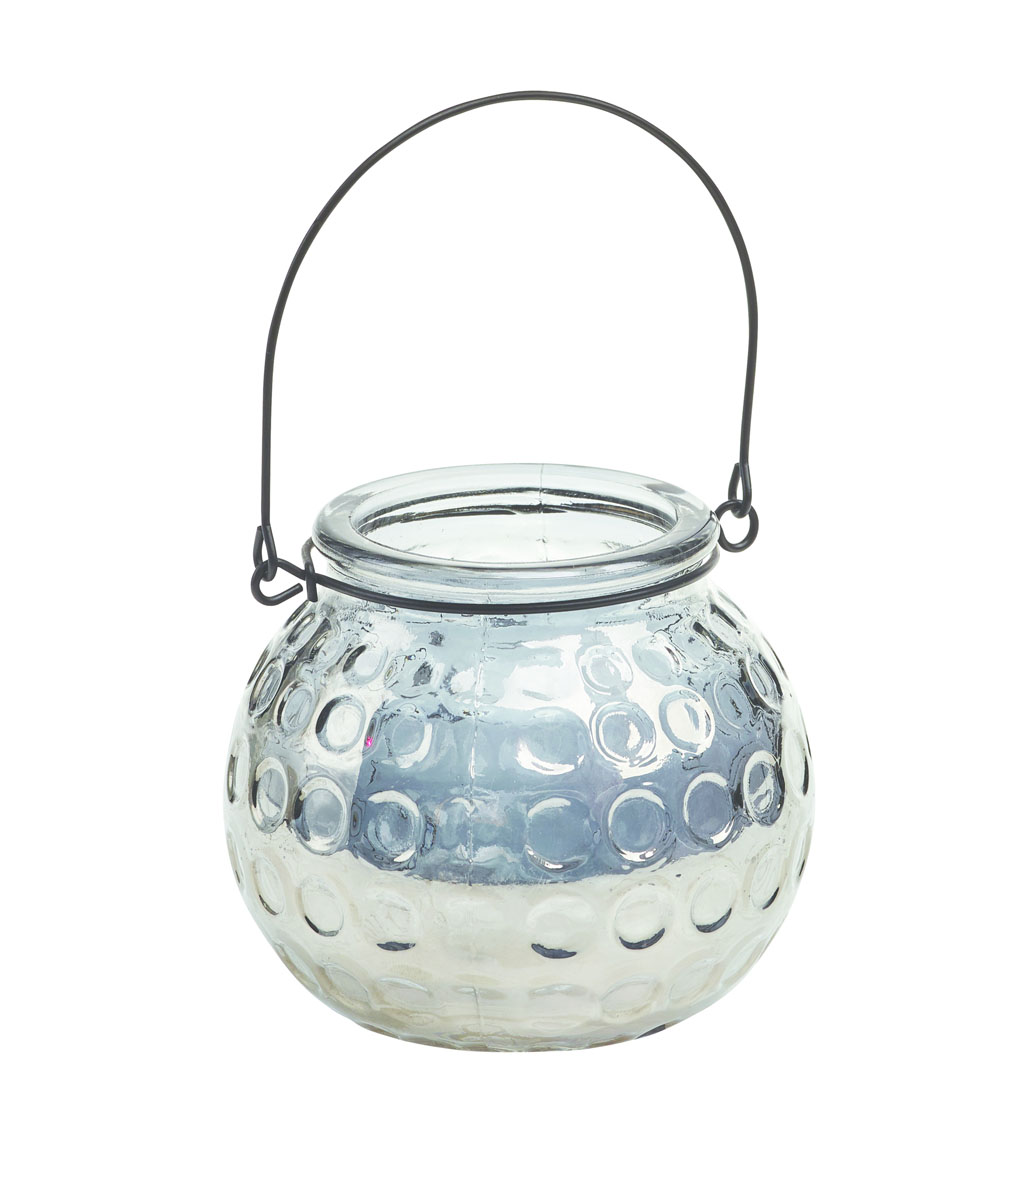 Подсвечник подвесной Gardman Honey Pot, цвет: серебристый, 8,5 см17915Декоративный подсвечник Gardman Honey Pot, изготовленный из высококачественного стекла, позволит украсить интерьер дома или рабочего кабинета оригинальным образом. Вы можете поставить или подвесить подсвечник в любом месте, где он будет удачно смотреться и радовать глаз. Кроме того - это отличный вариант подарка для ваших близких и друзей.